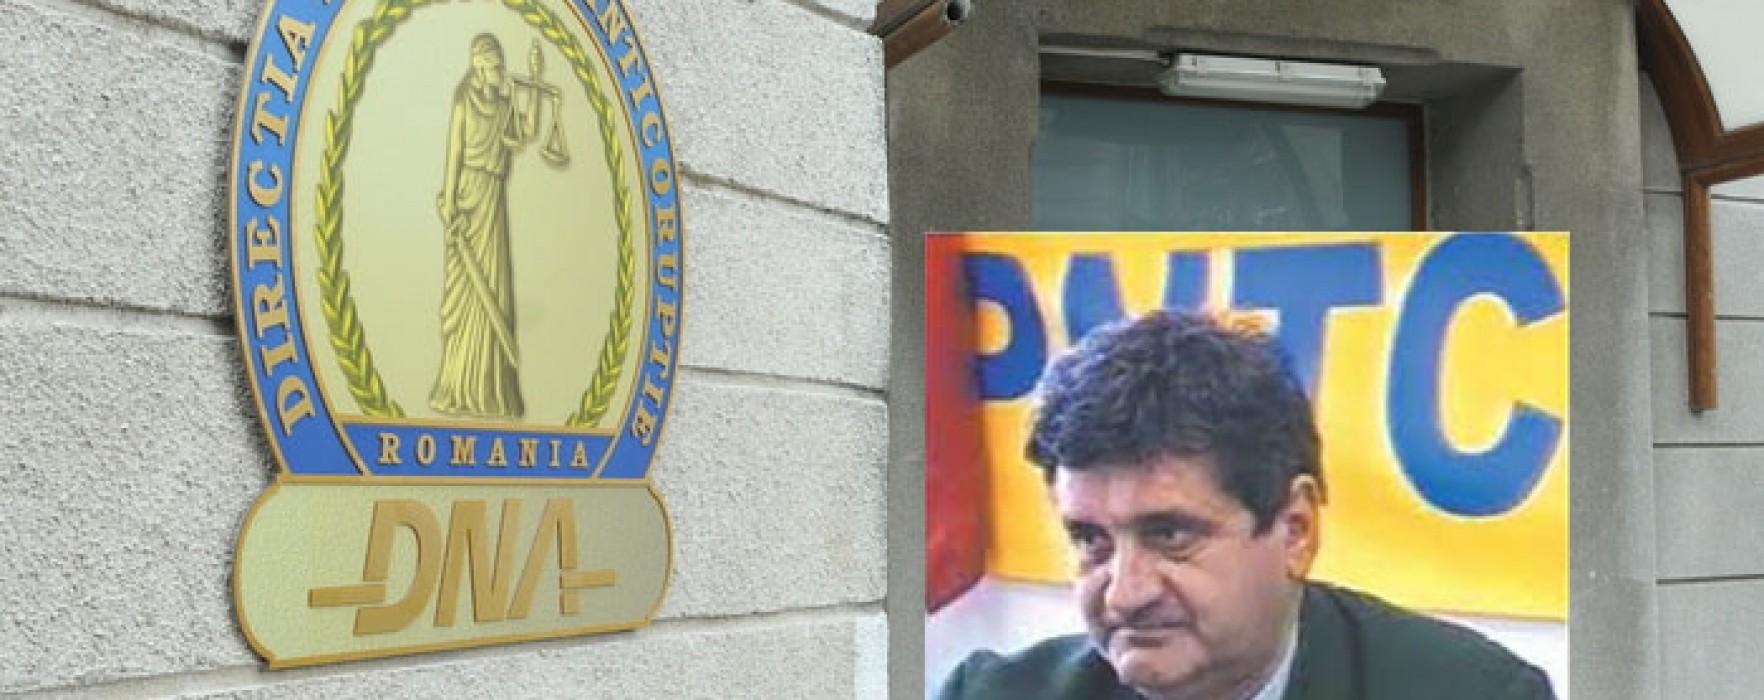 Dâmboviţa: Irineu Popescu, 4 ani şi şase luni cu executare pentru înşelăciune